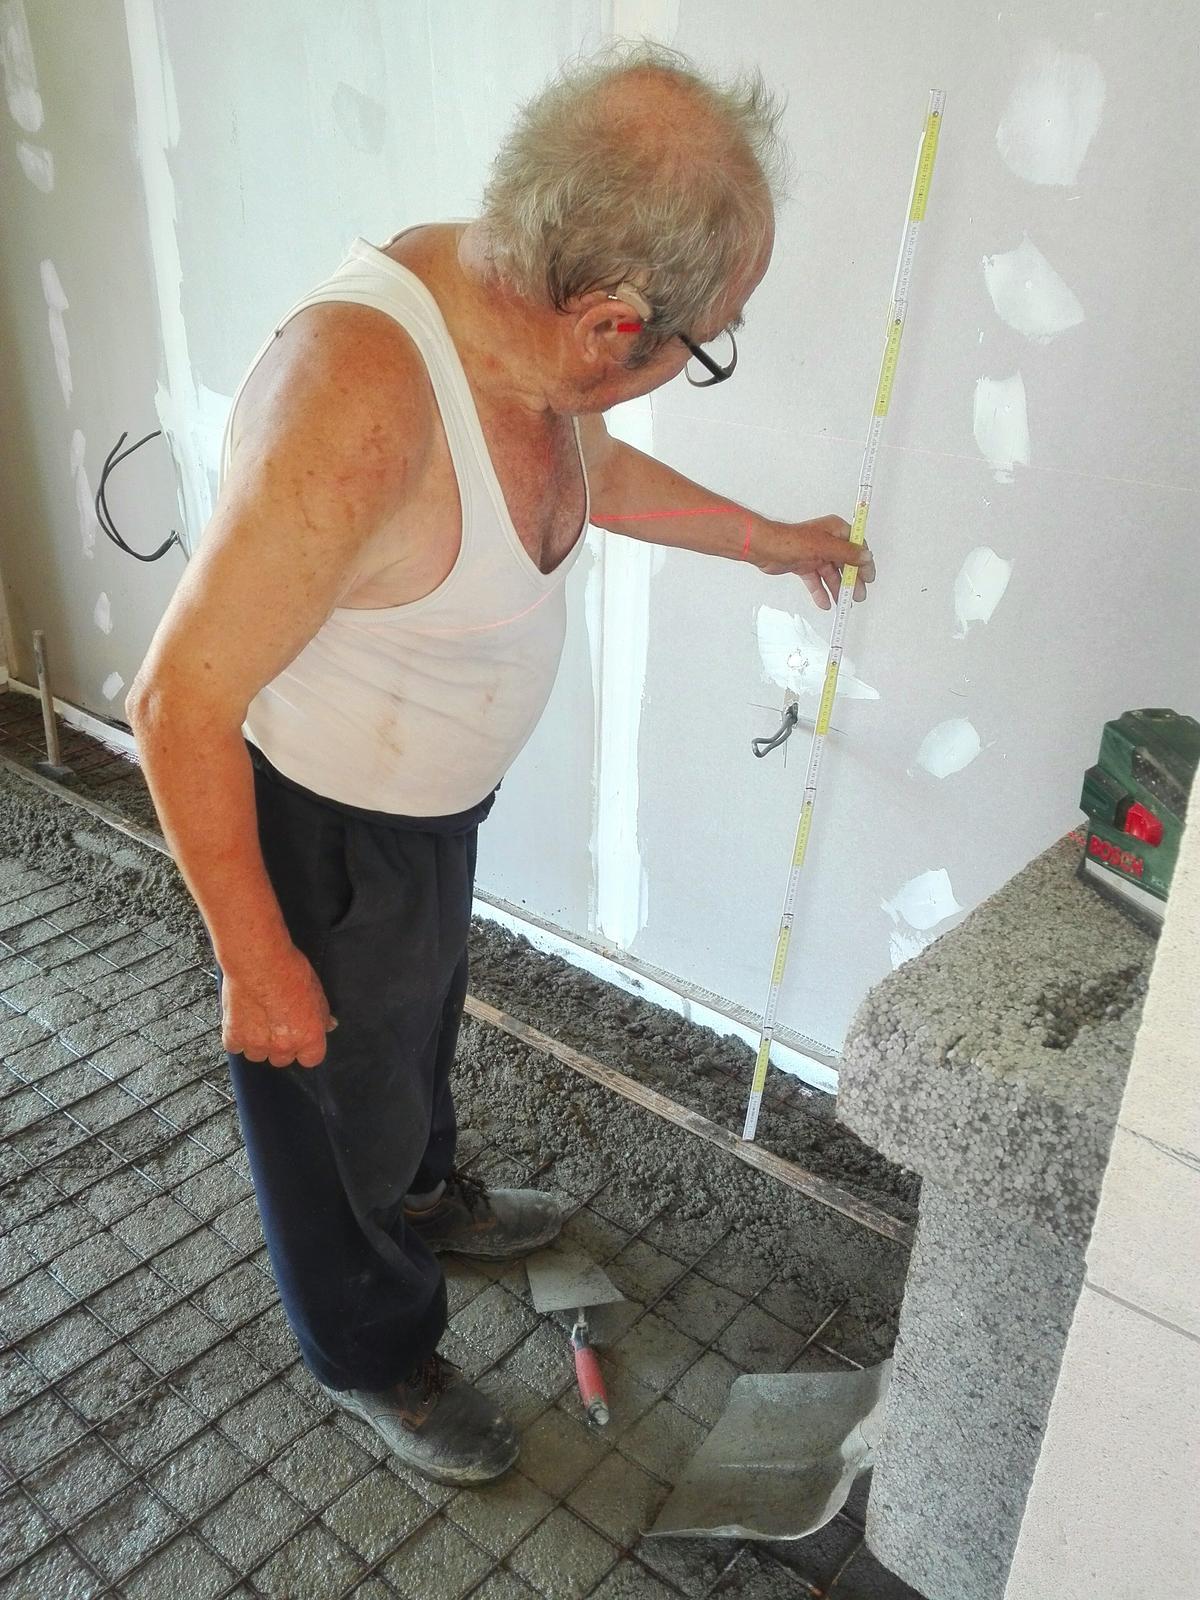 Naše chaloupka a zahrádka - můj dědeček 80 let musí být u každé práce :-)